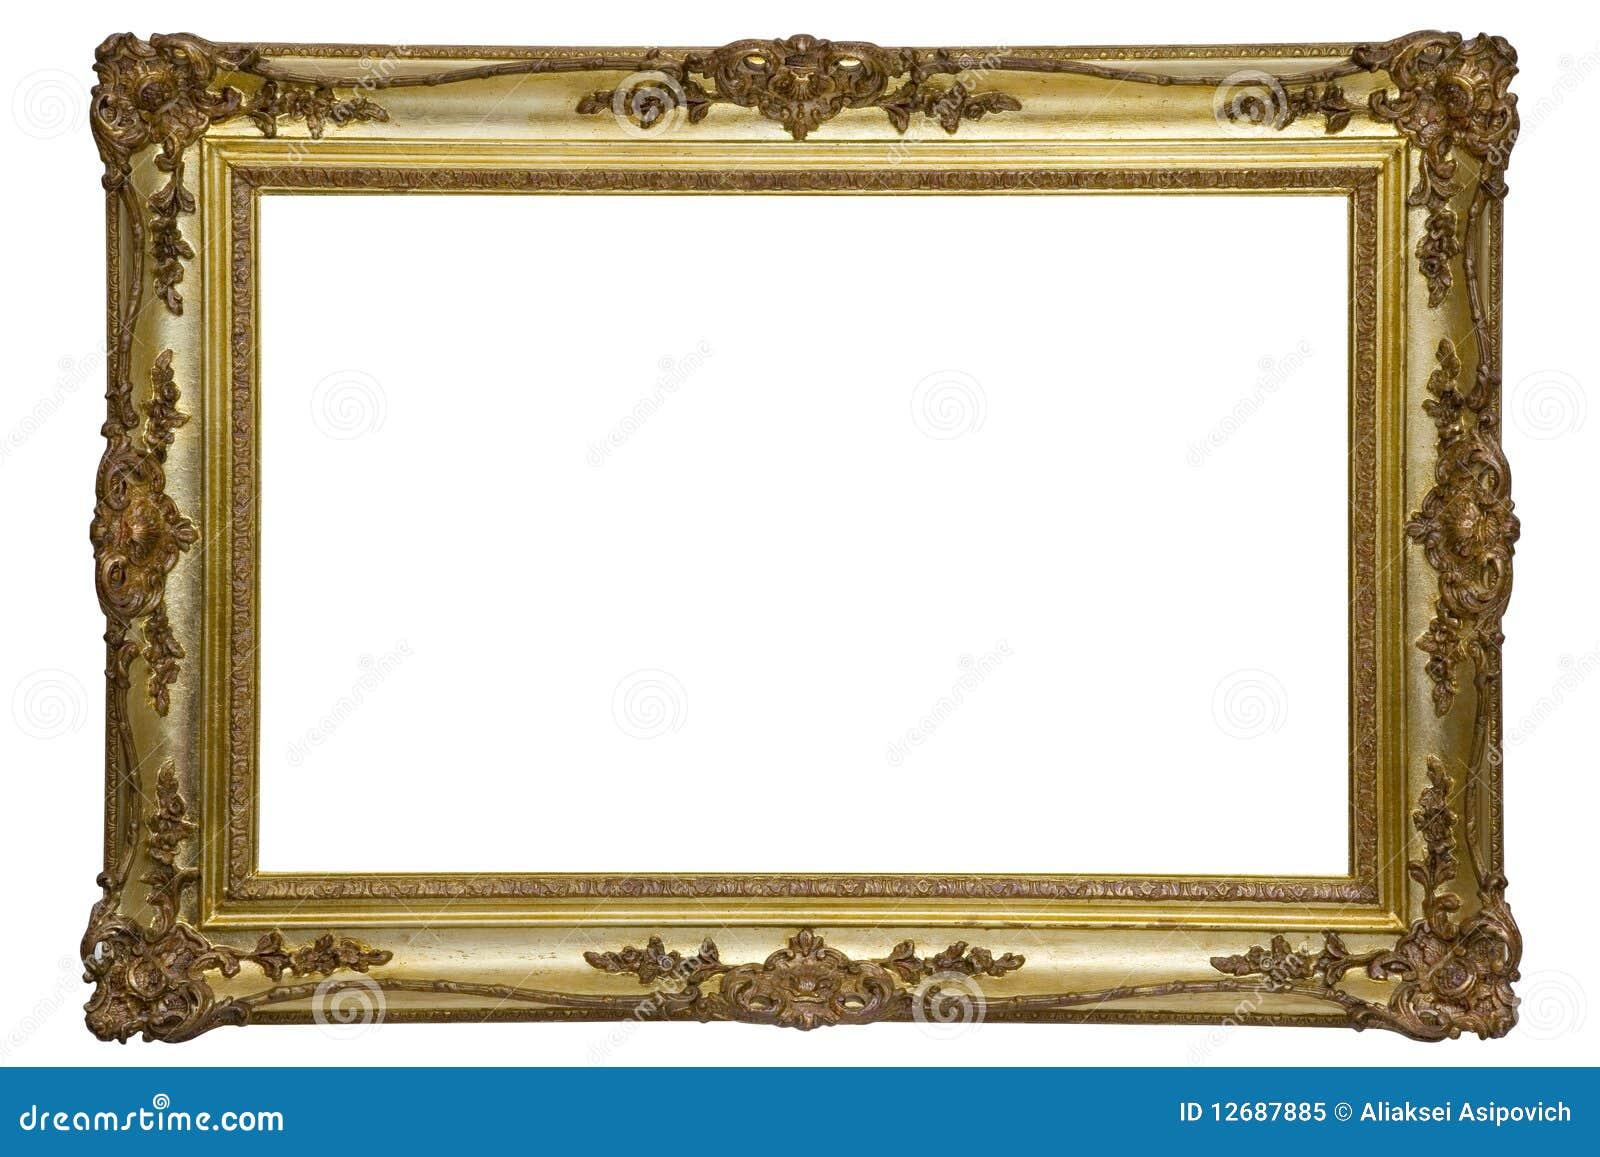 Marco de madera antiguo imagen de archivo. Imagen de arte - 12687885